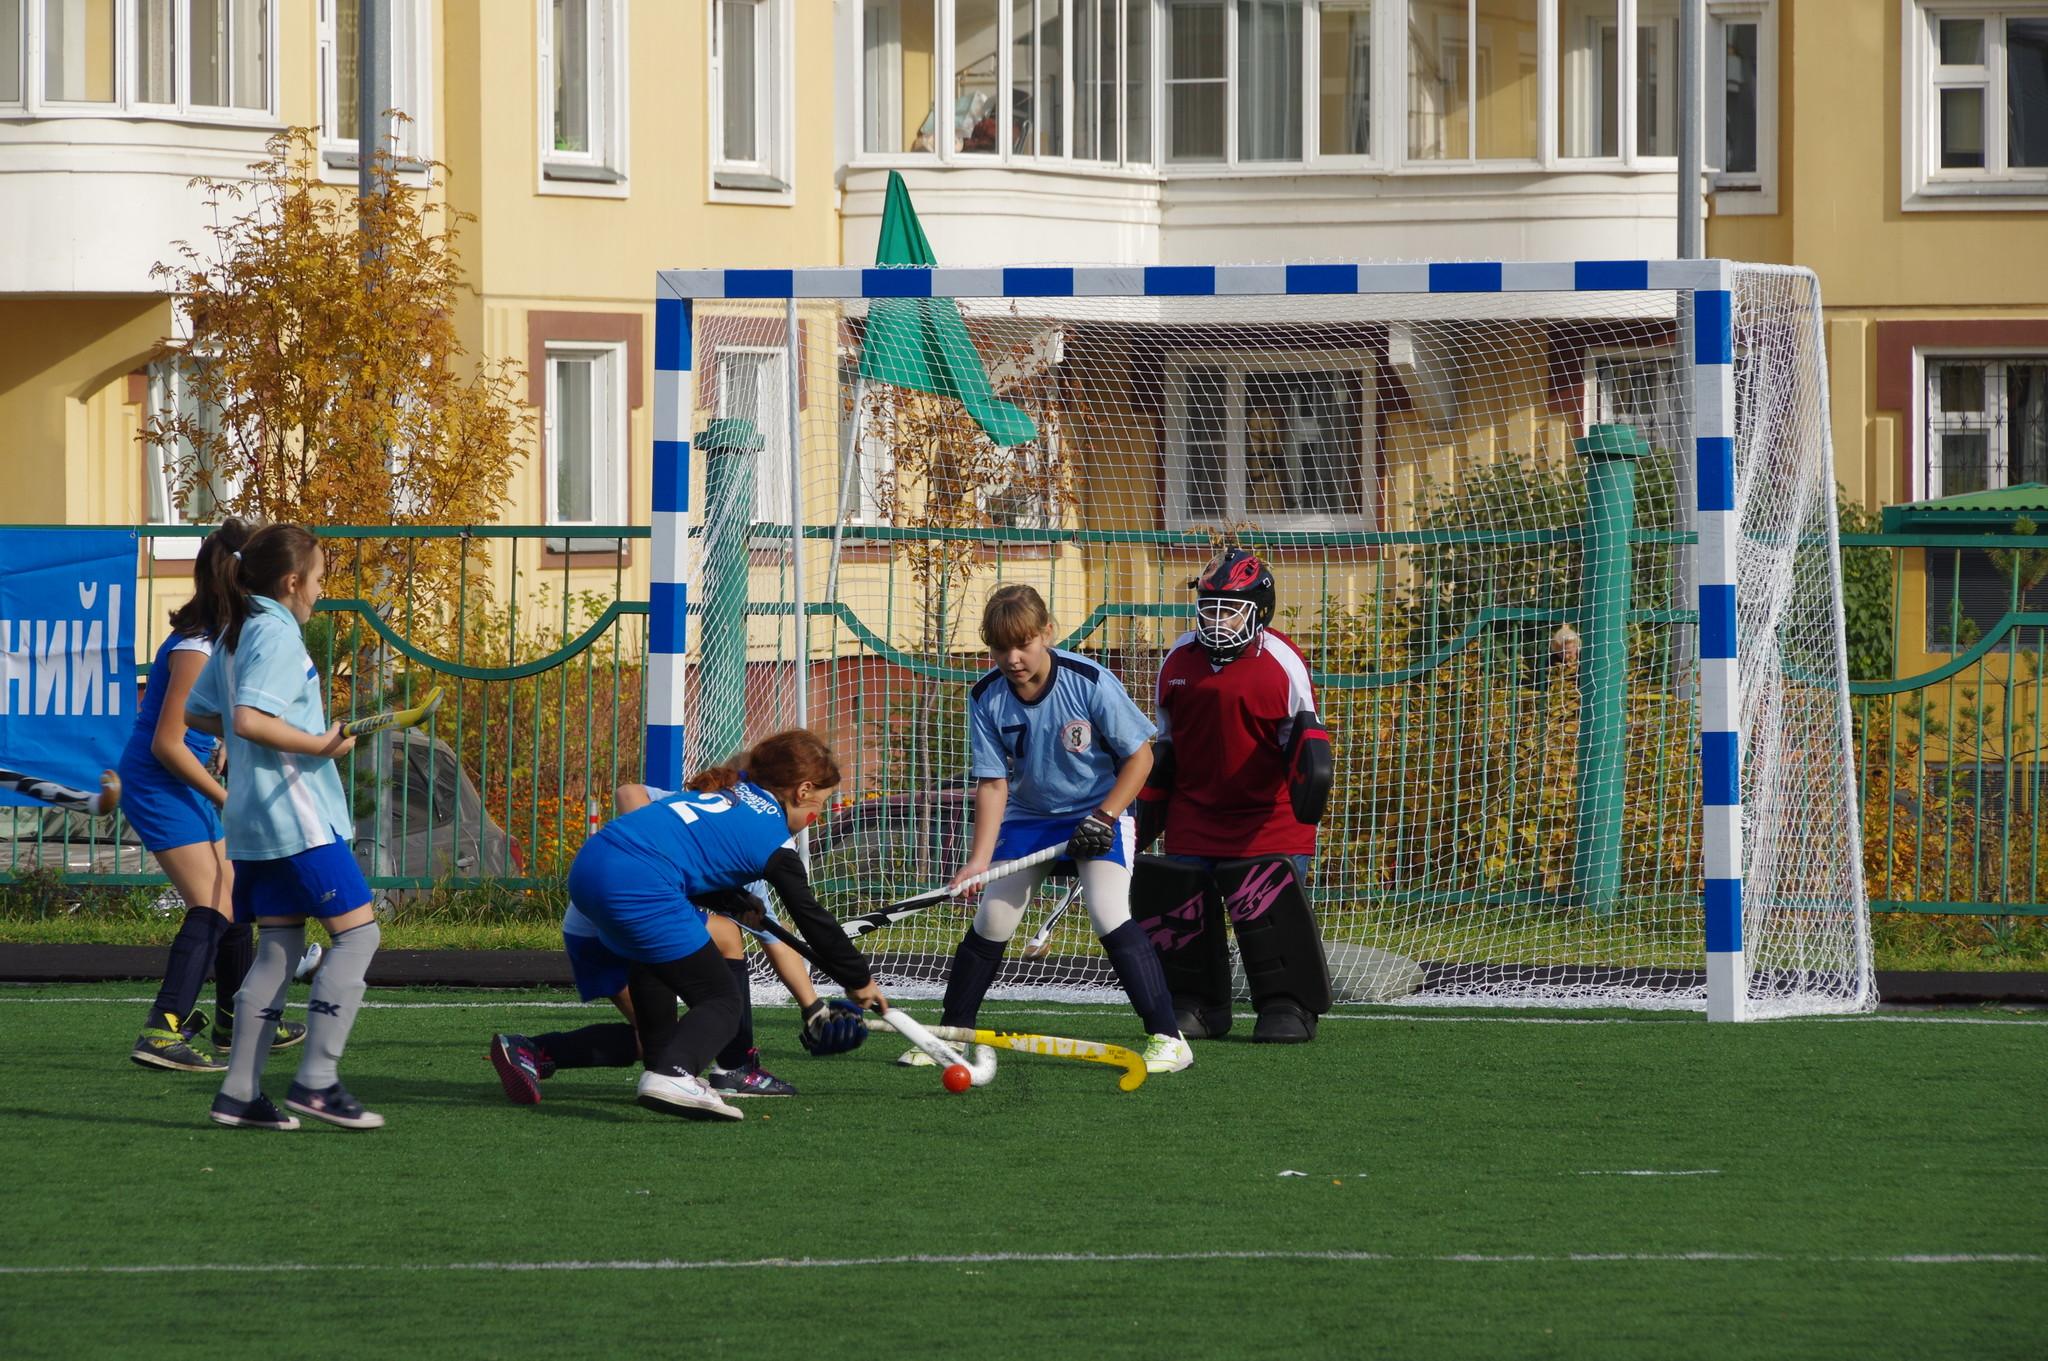 I-е открытое первенство района Северный СВАО города Москвы по хоккею на траве